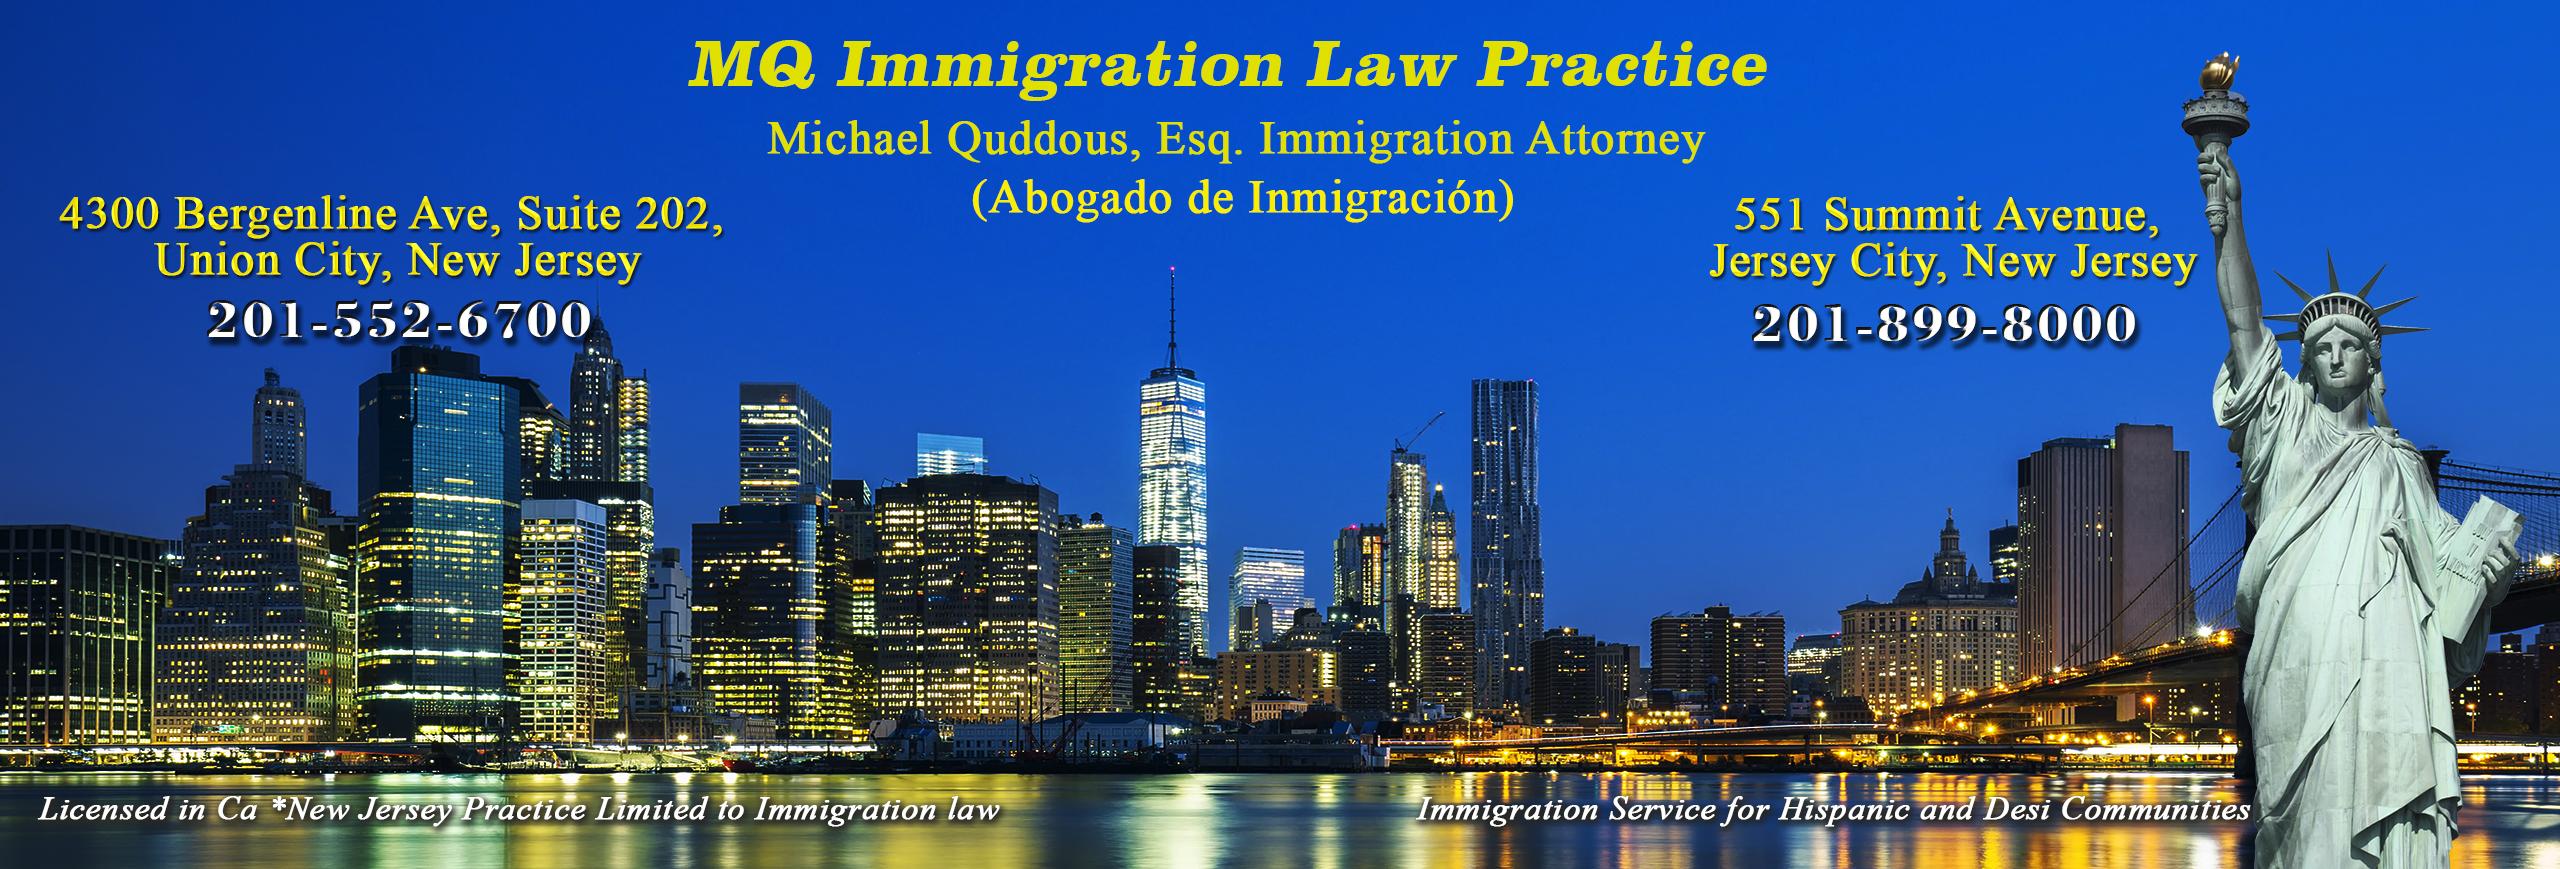 Michael Quddous, Esq. Immigration Attorney Logo